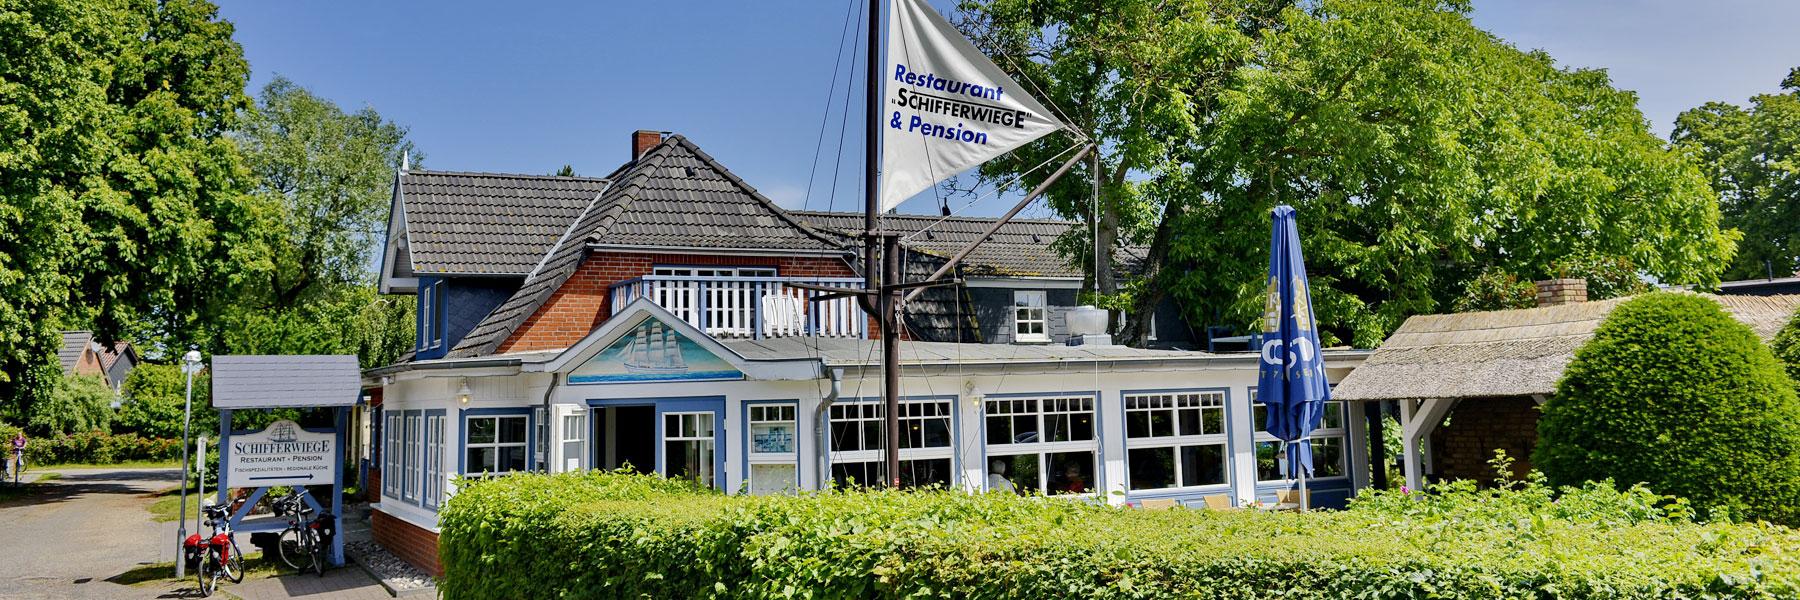 Außenansicht - Pension & Restaurant Schifferwiege